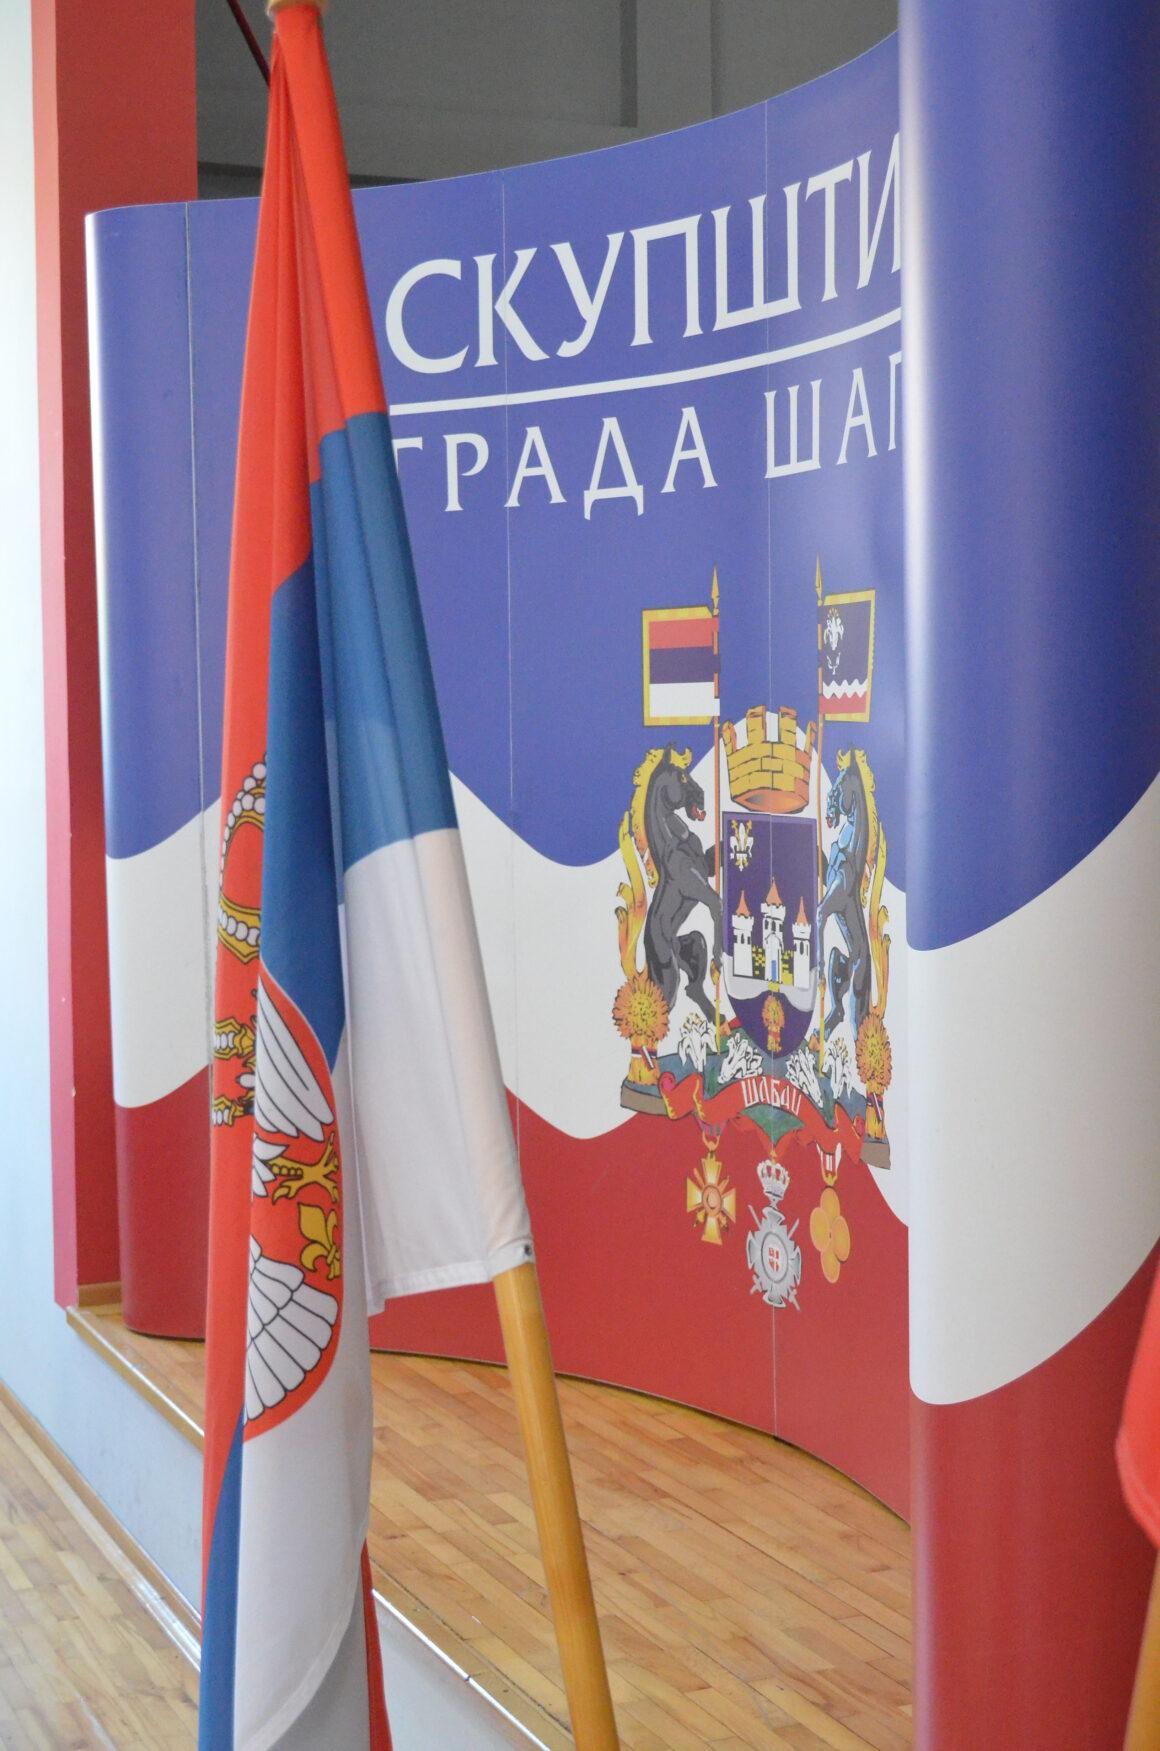 Сутра 37. седница Скупштине града Шапца